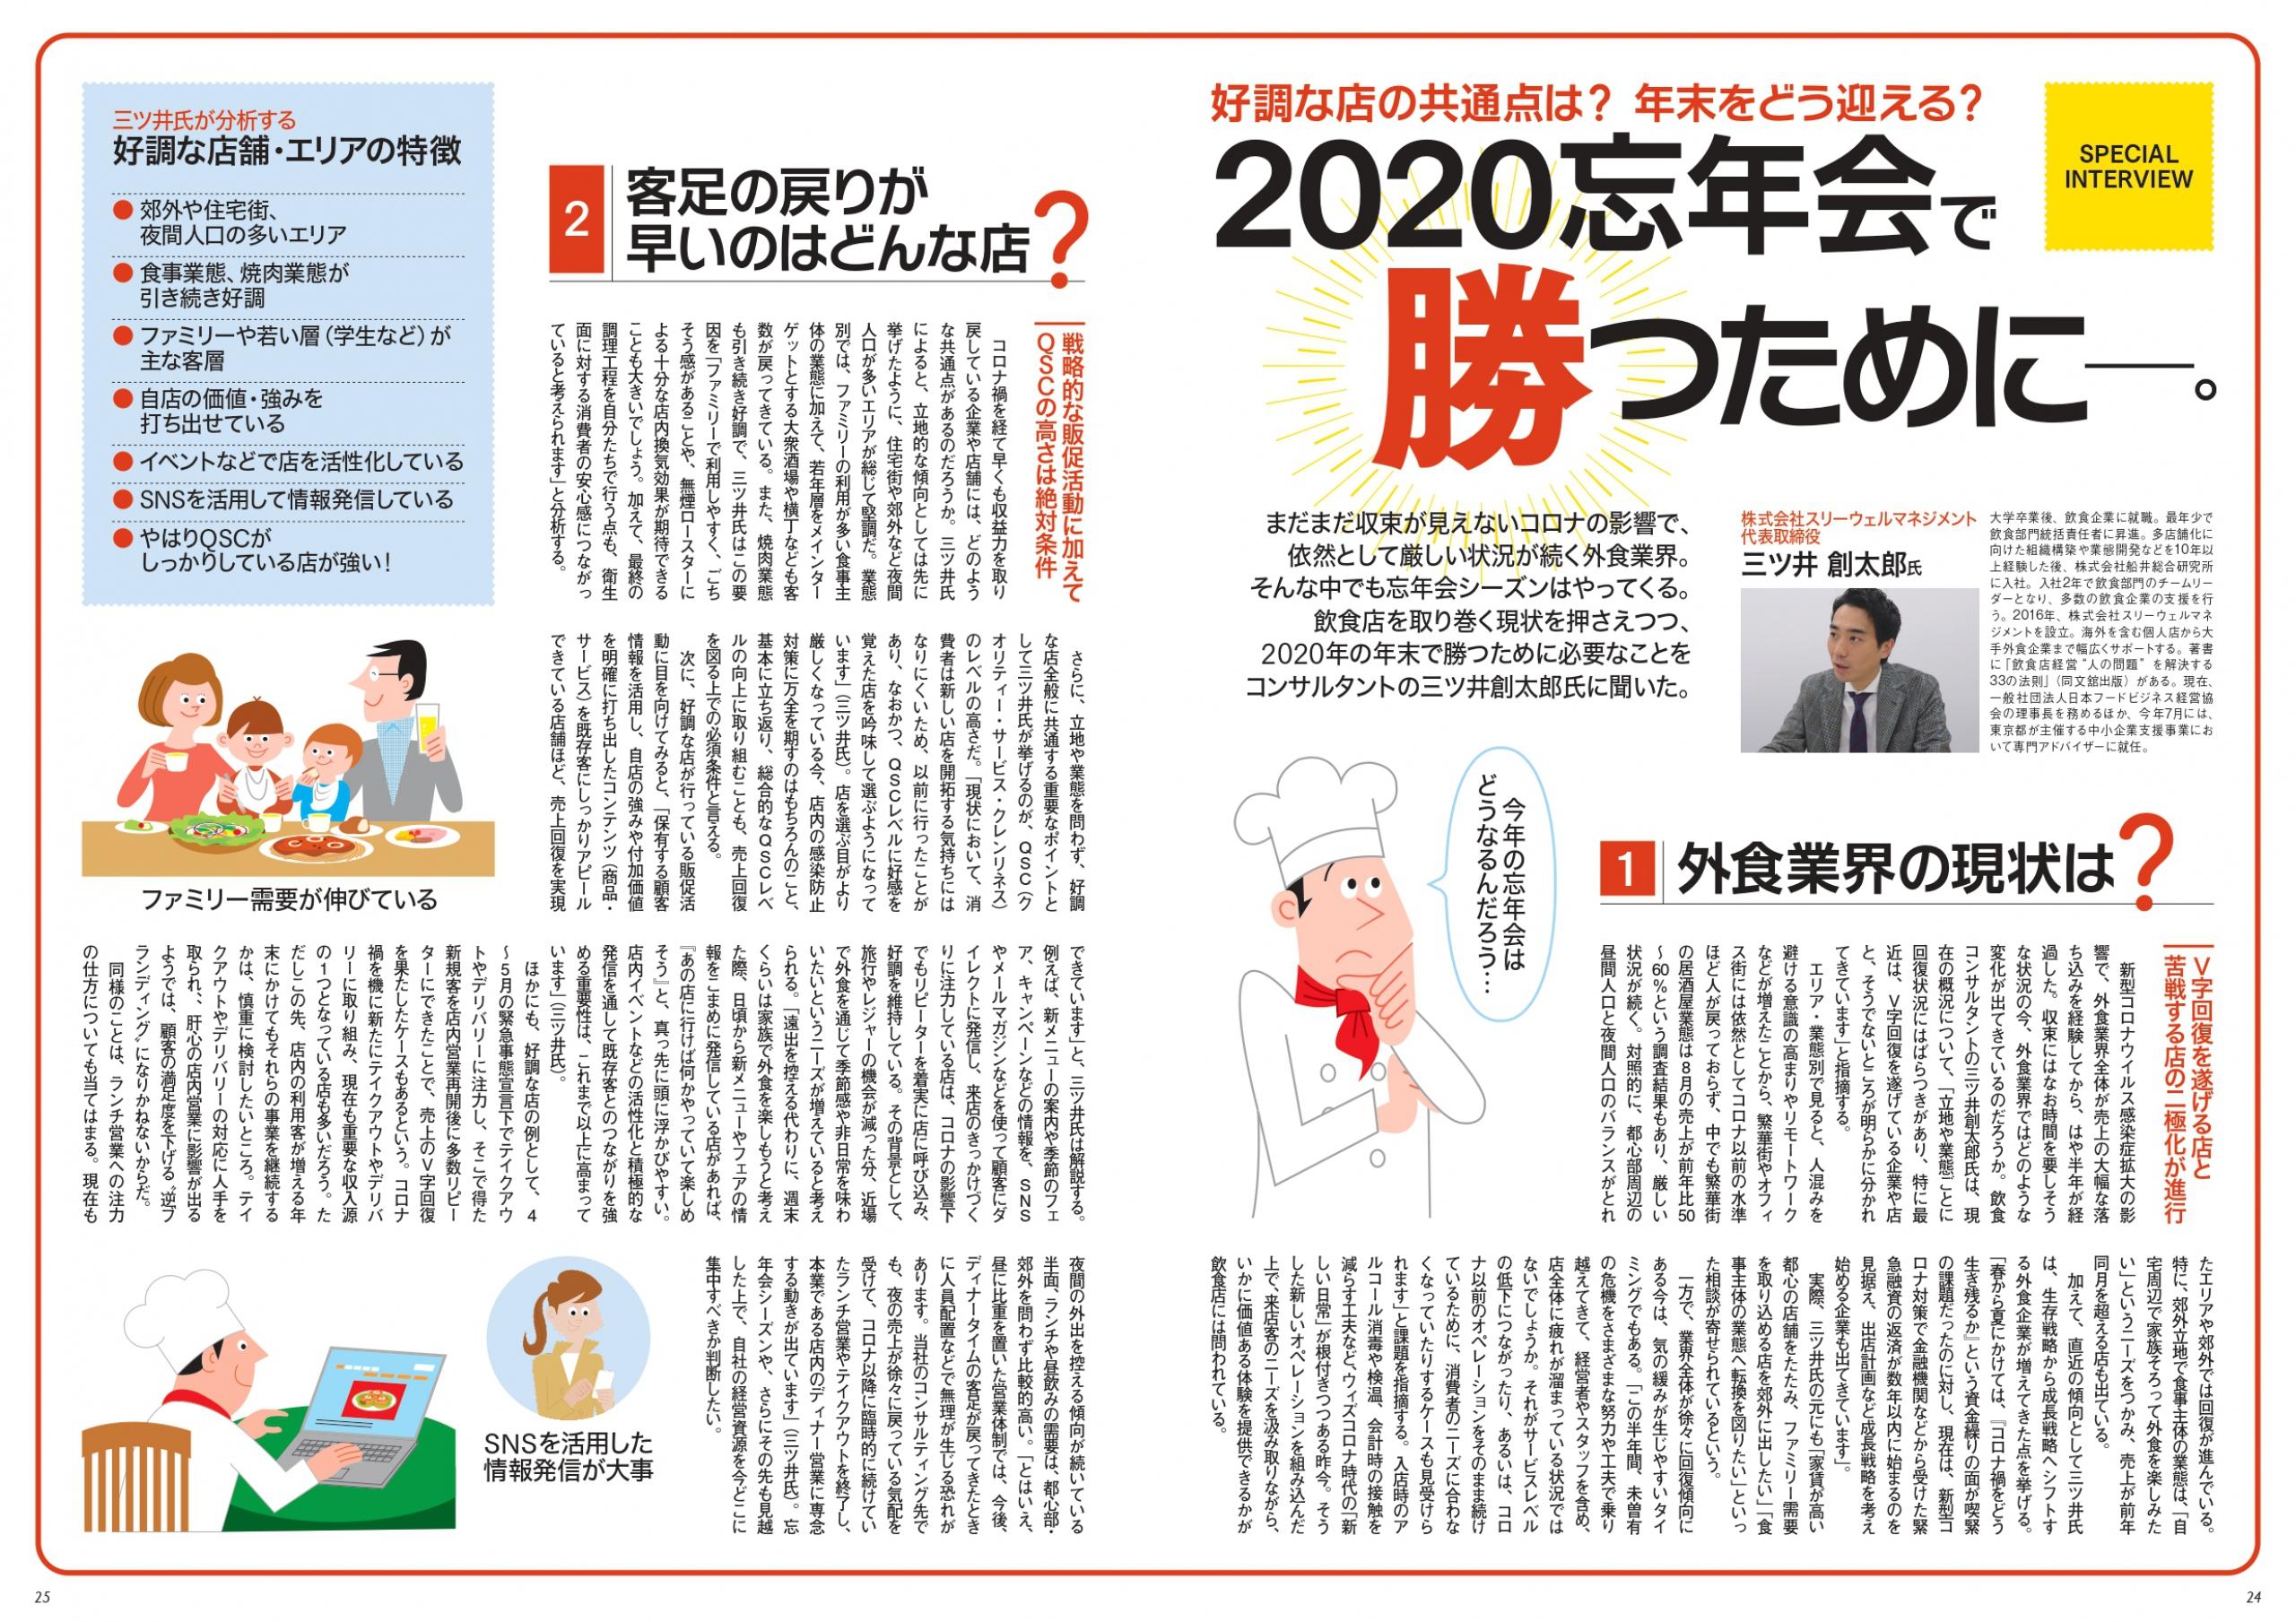 大阪/関西の飲食店専門コンサルティング会社スリーウェルマネジメントが大阪支社設立